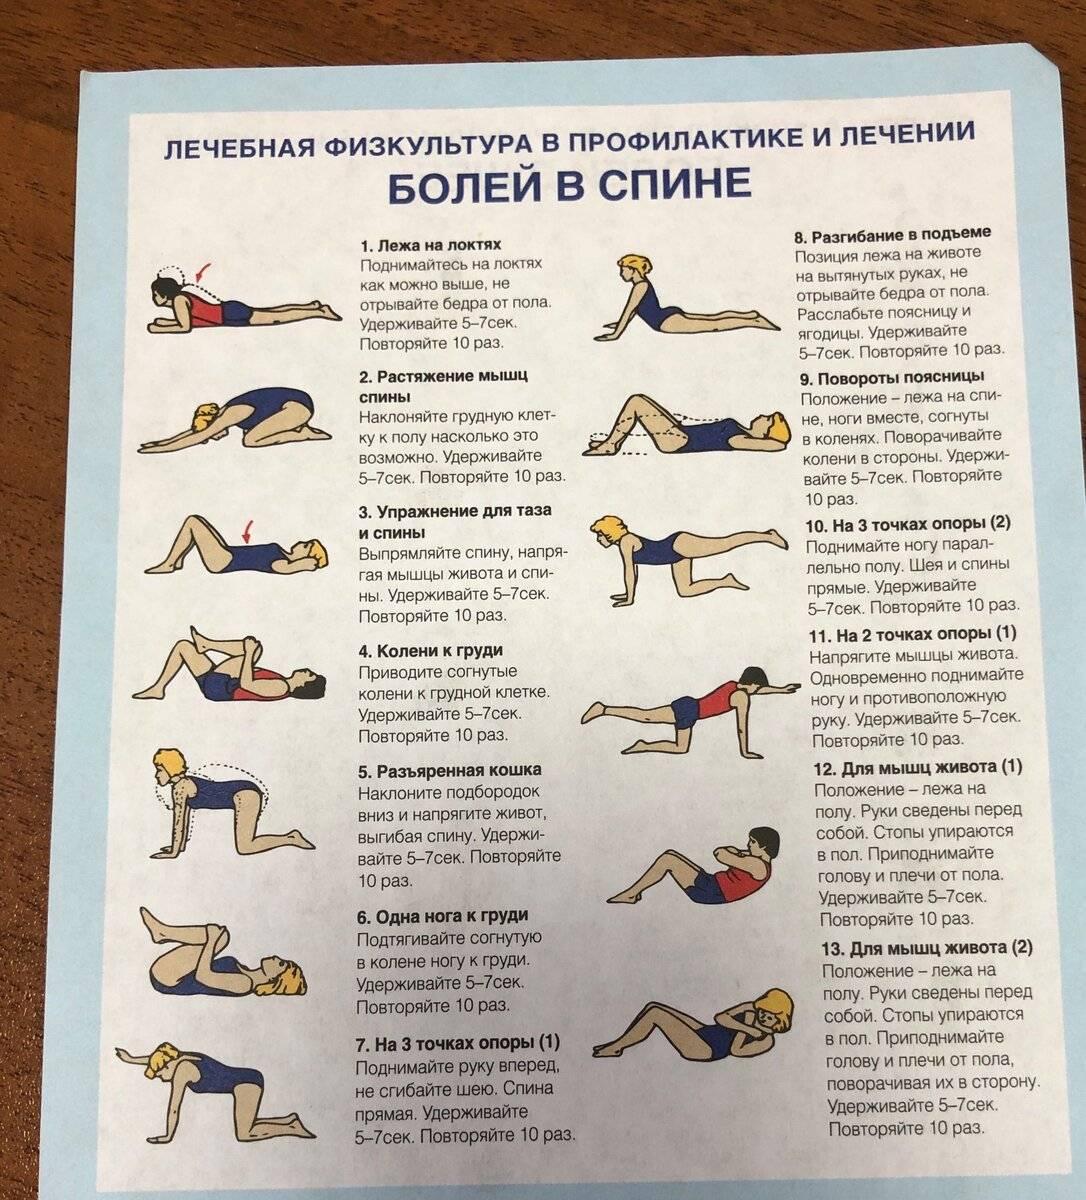 Какие упражнения нужно выполнять при болях в пояснице?